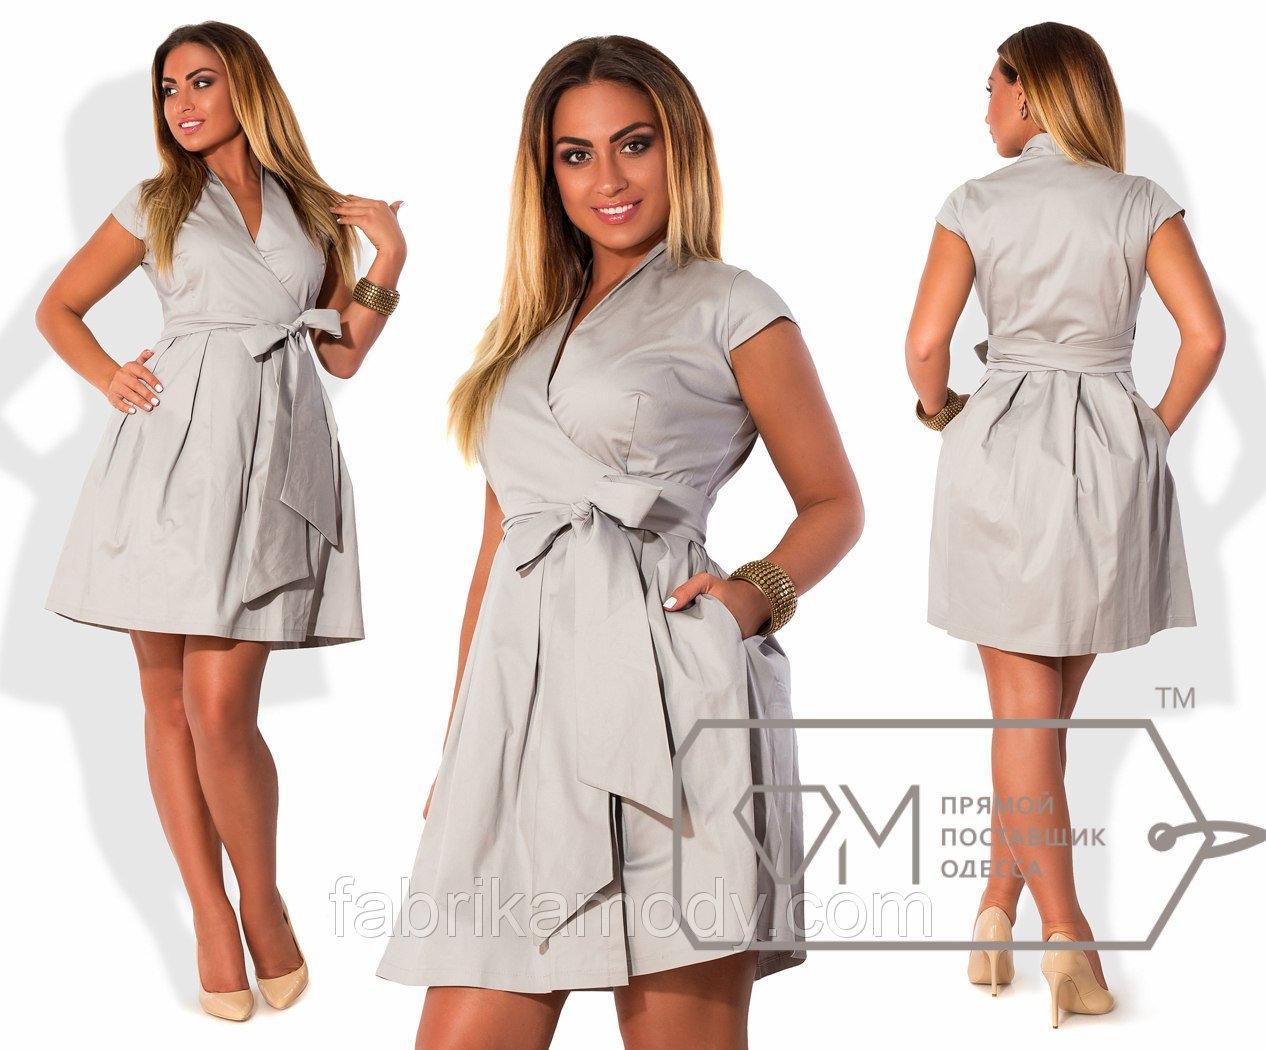 Платье ампир мини из плотного коттона с рукавами в пол-проймы, лифом на запах и пышной юбкой X4675